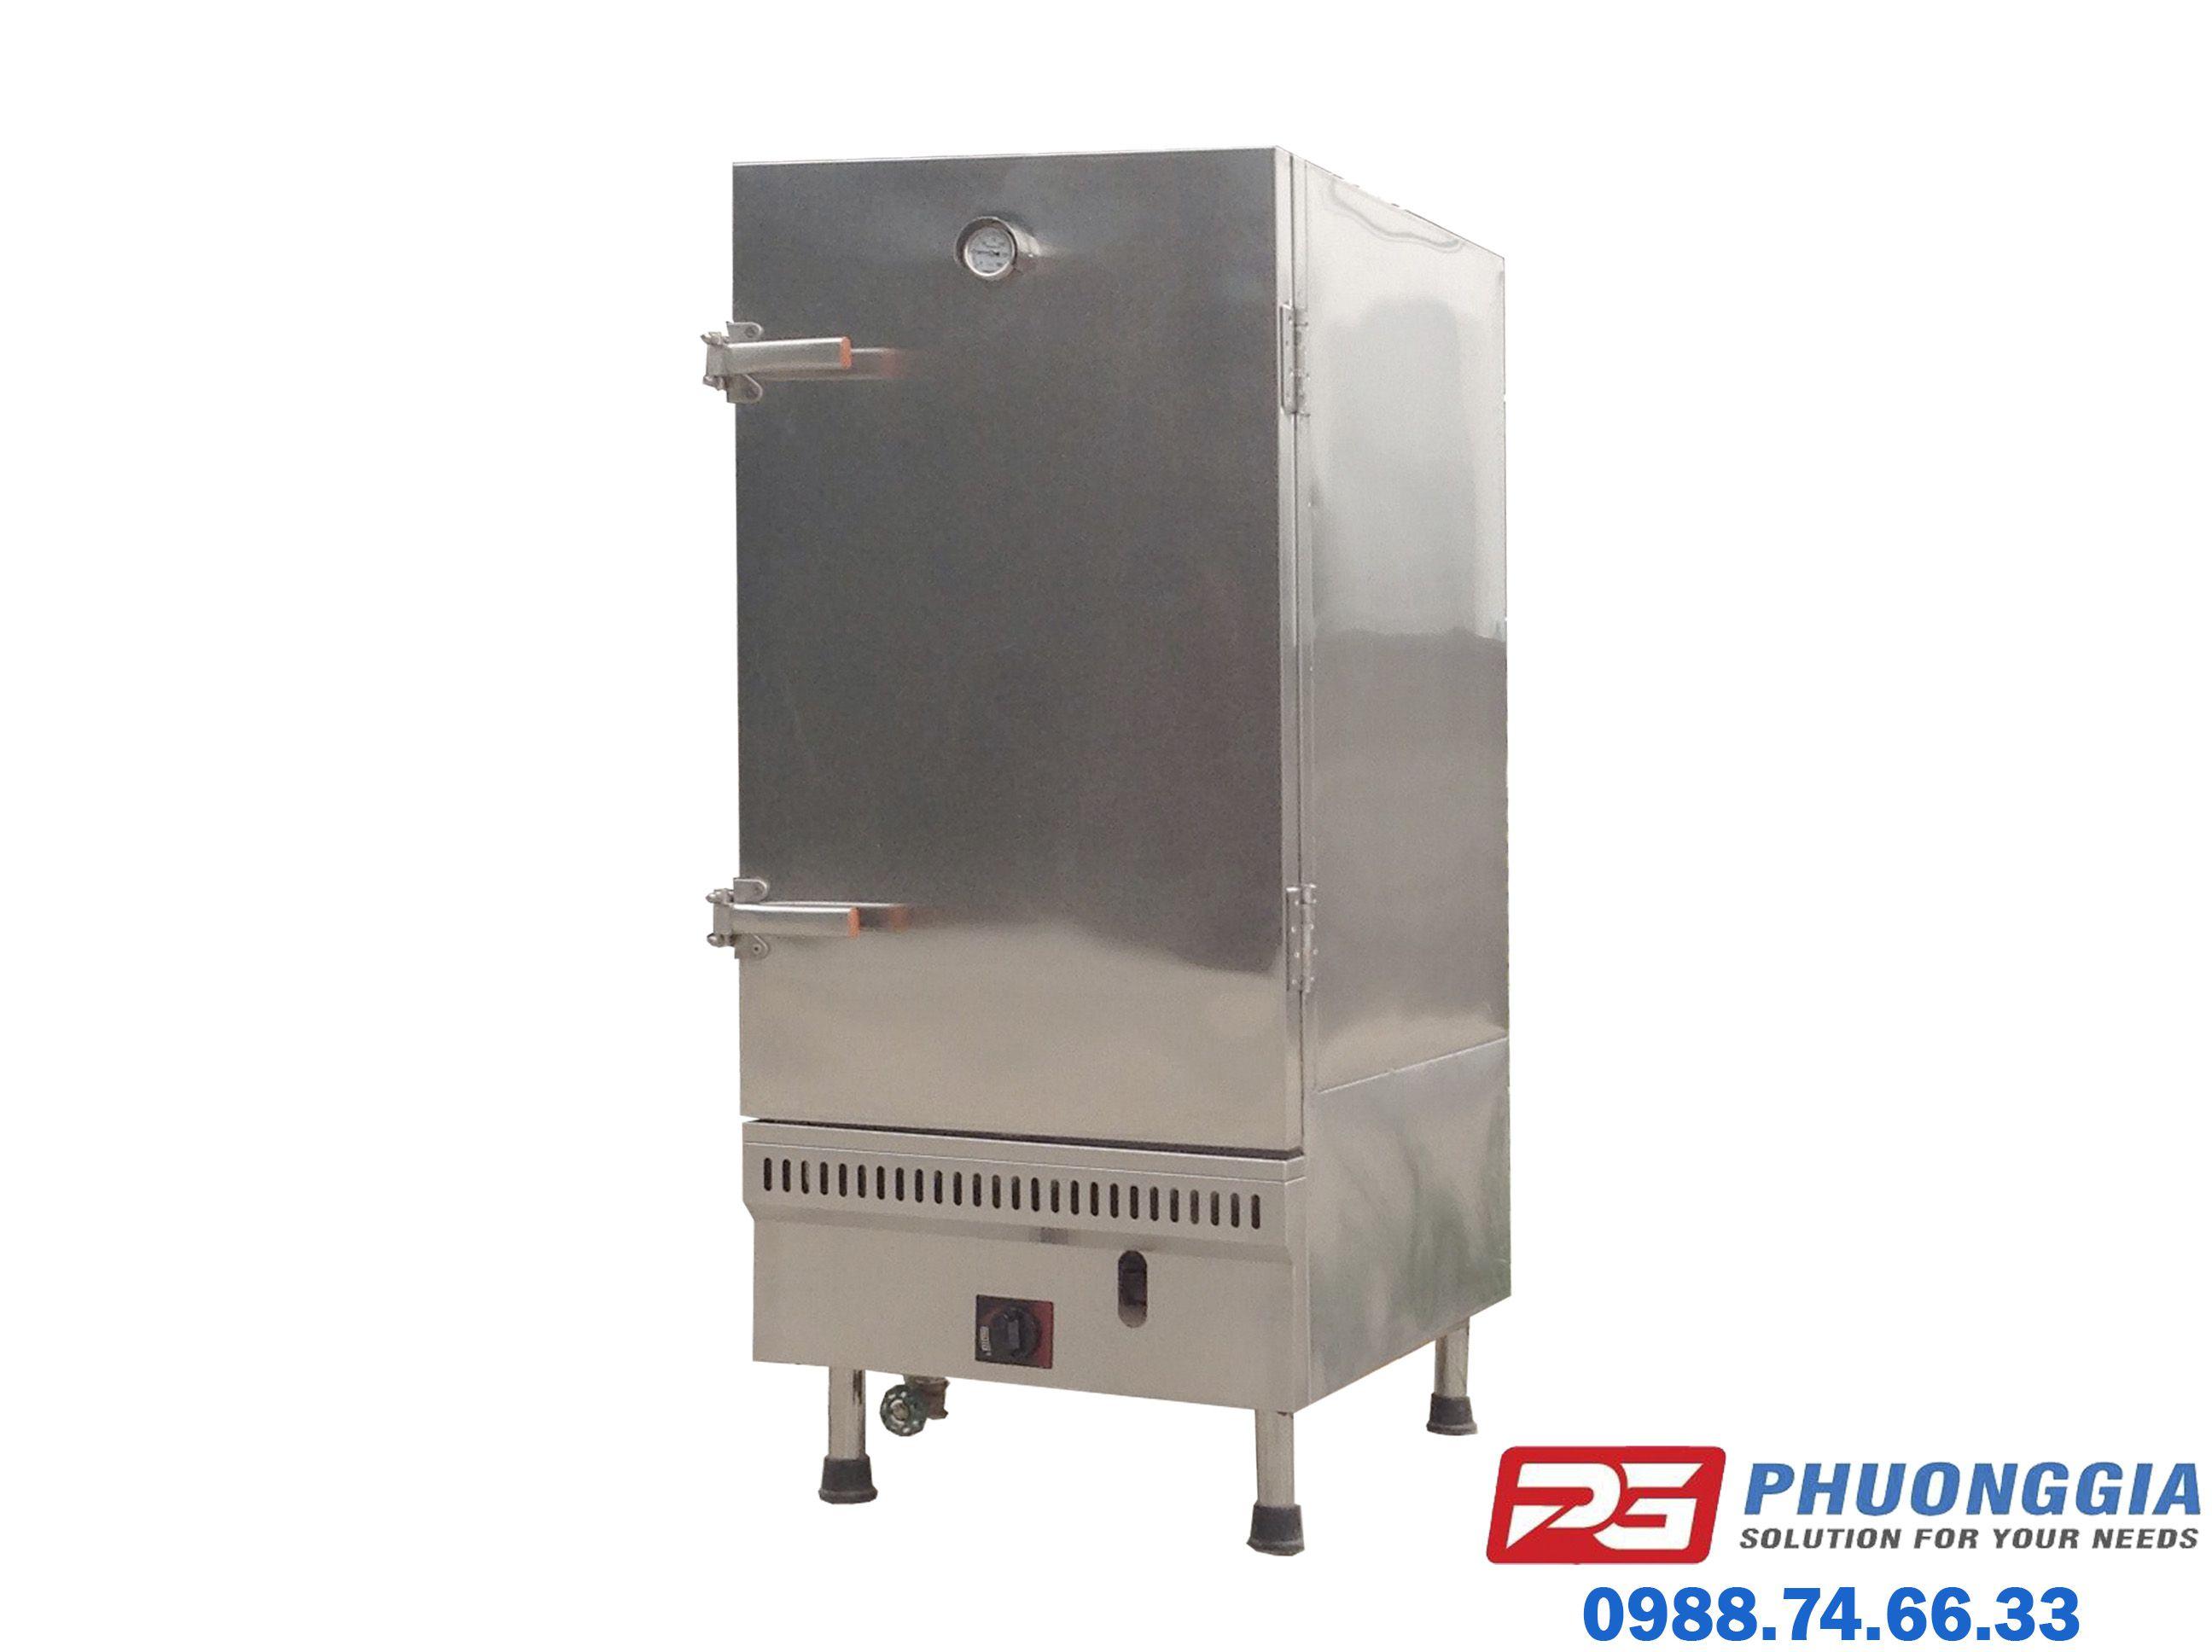 Tủ cơm công nghiệp 50kg giá rẻ